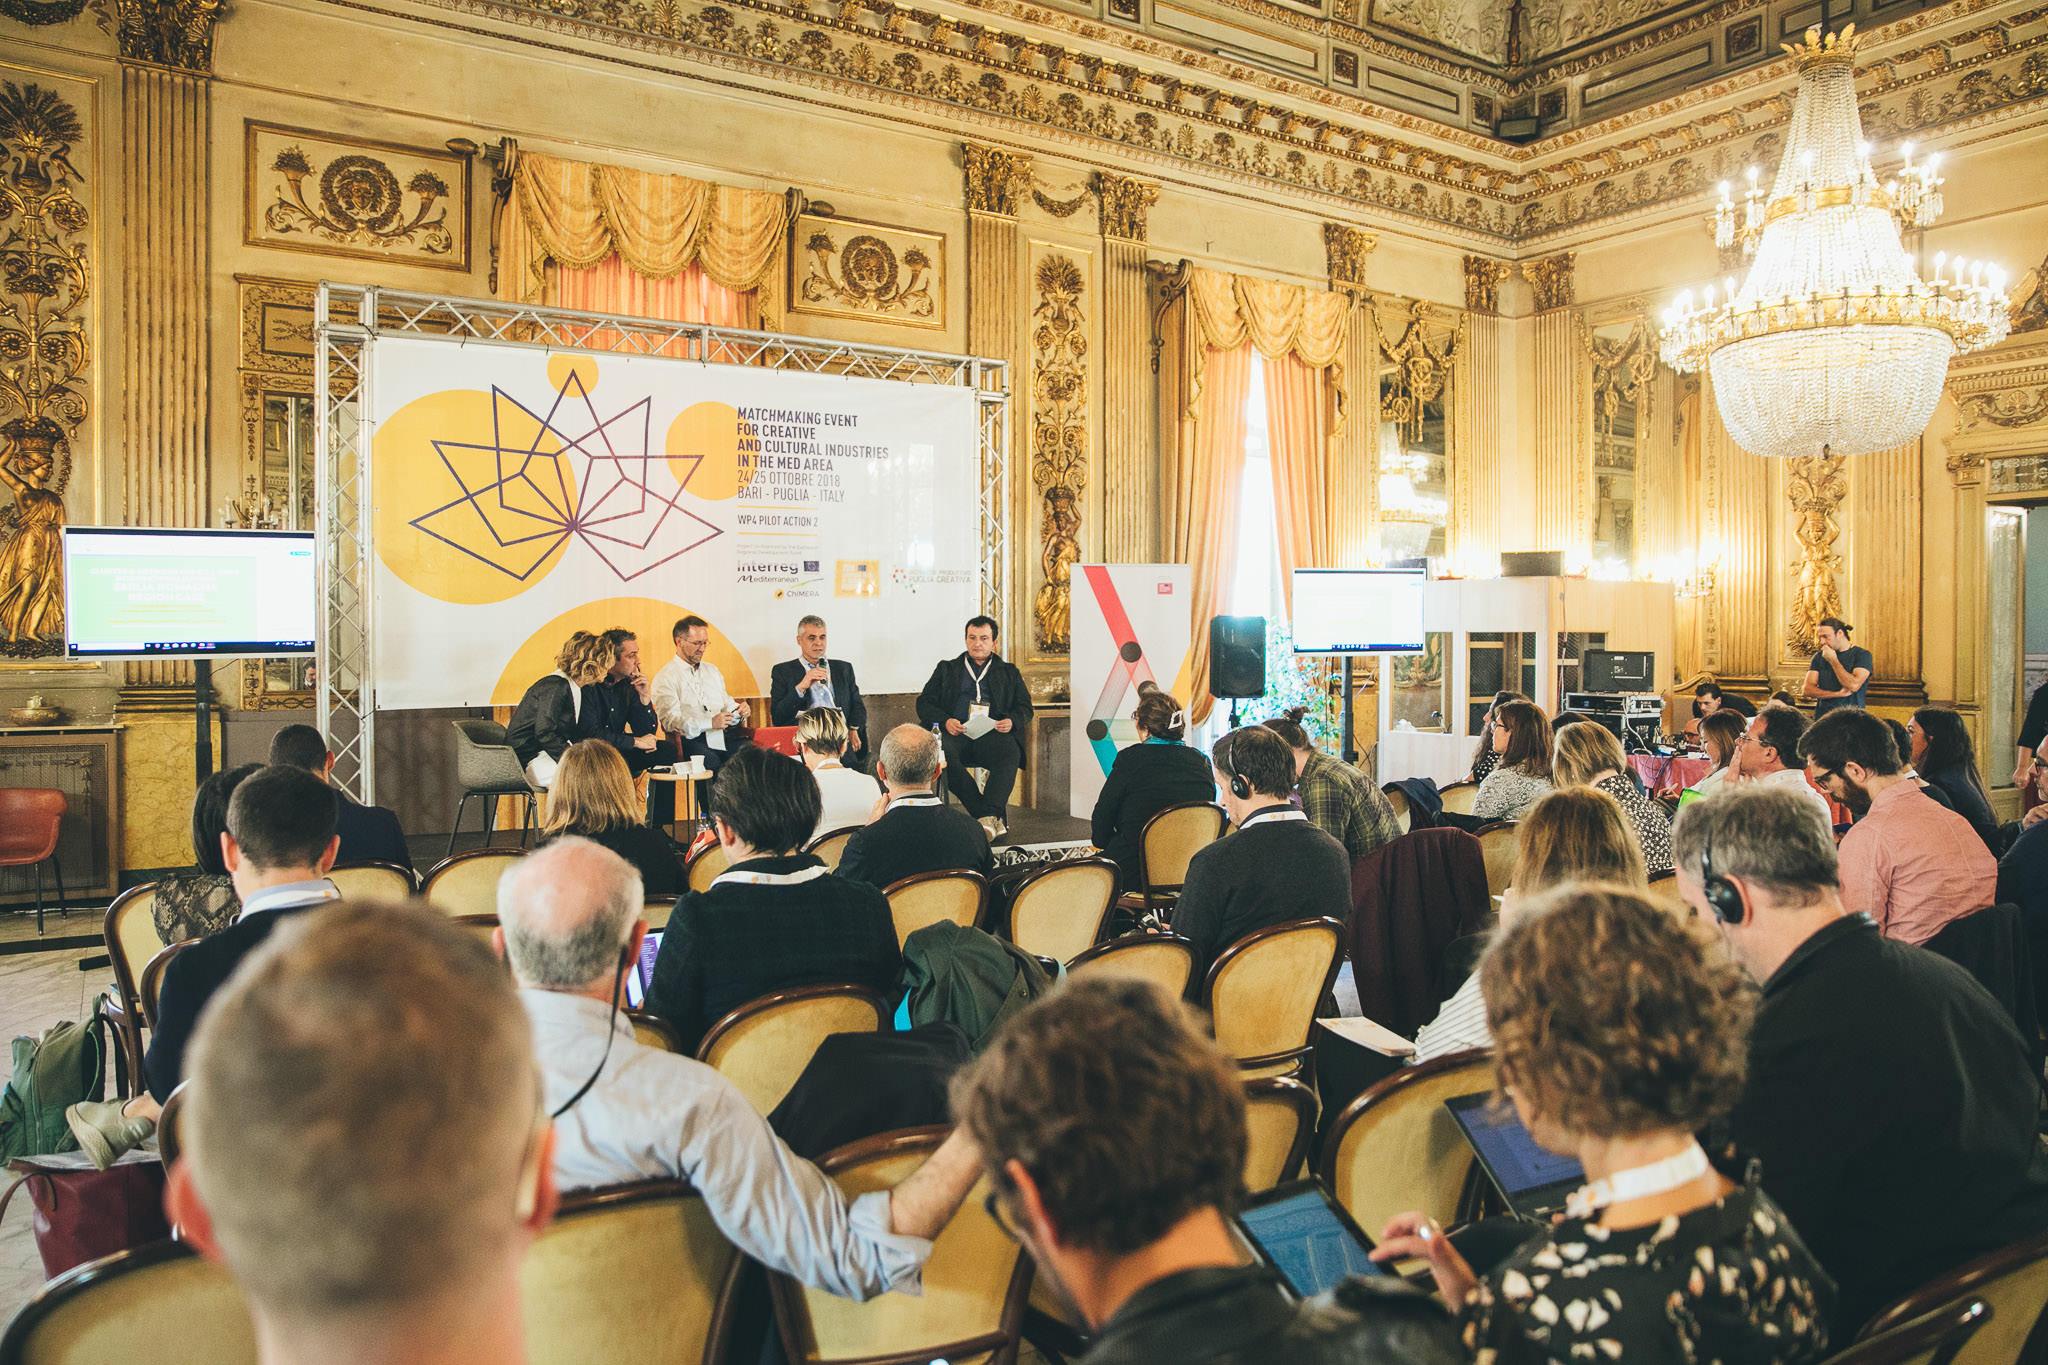 bando chimera - distretto produttivo puglia creativa 2020